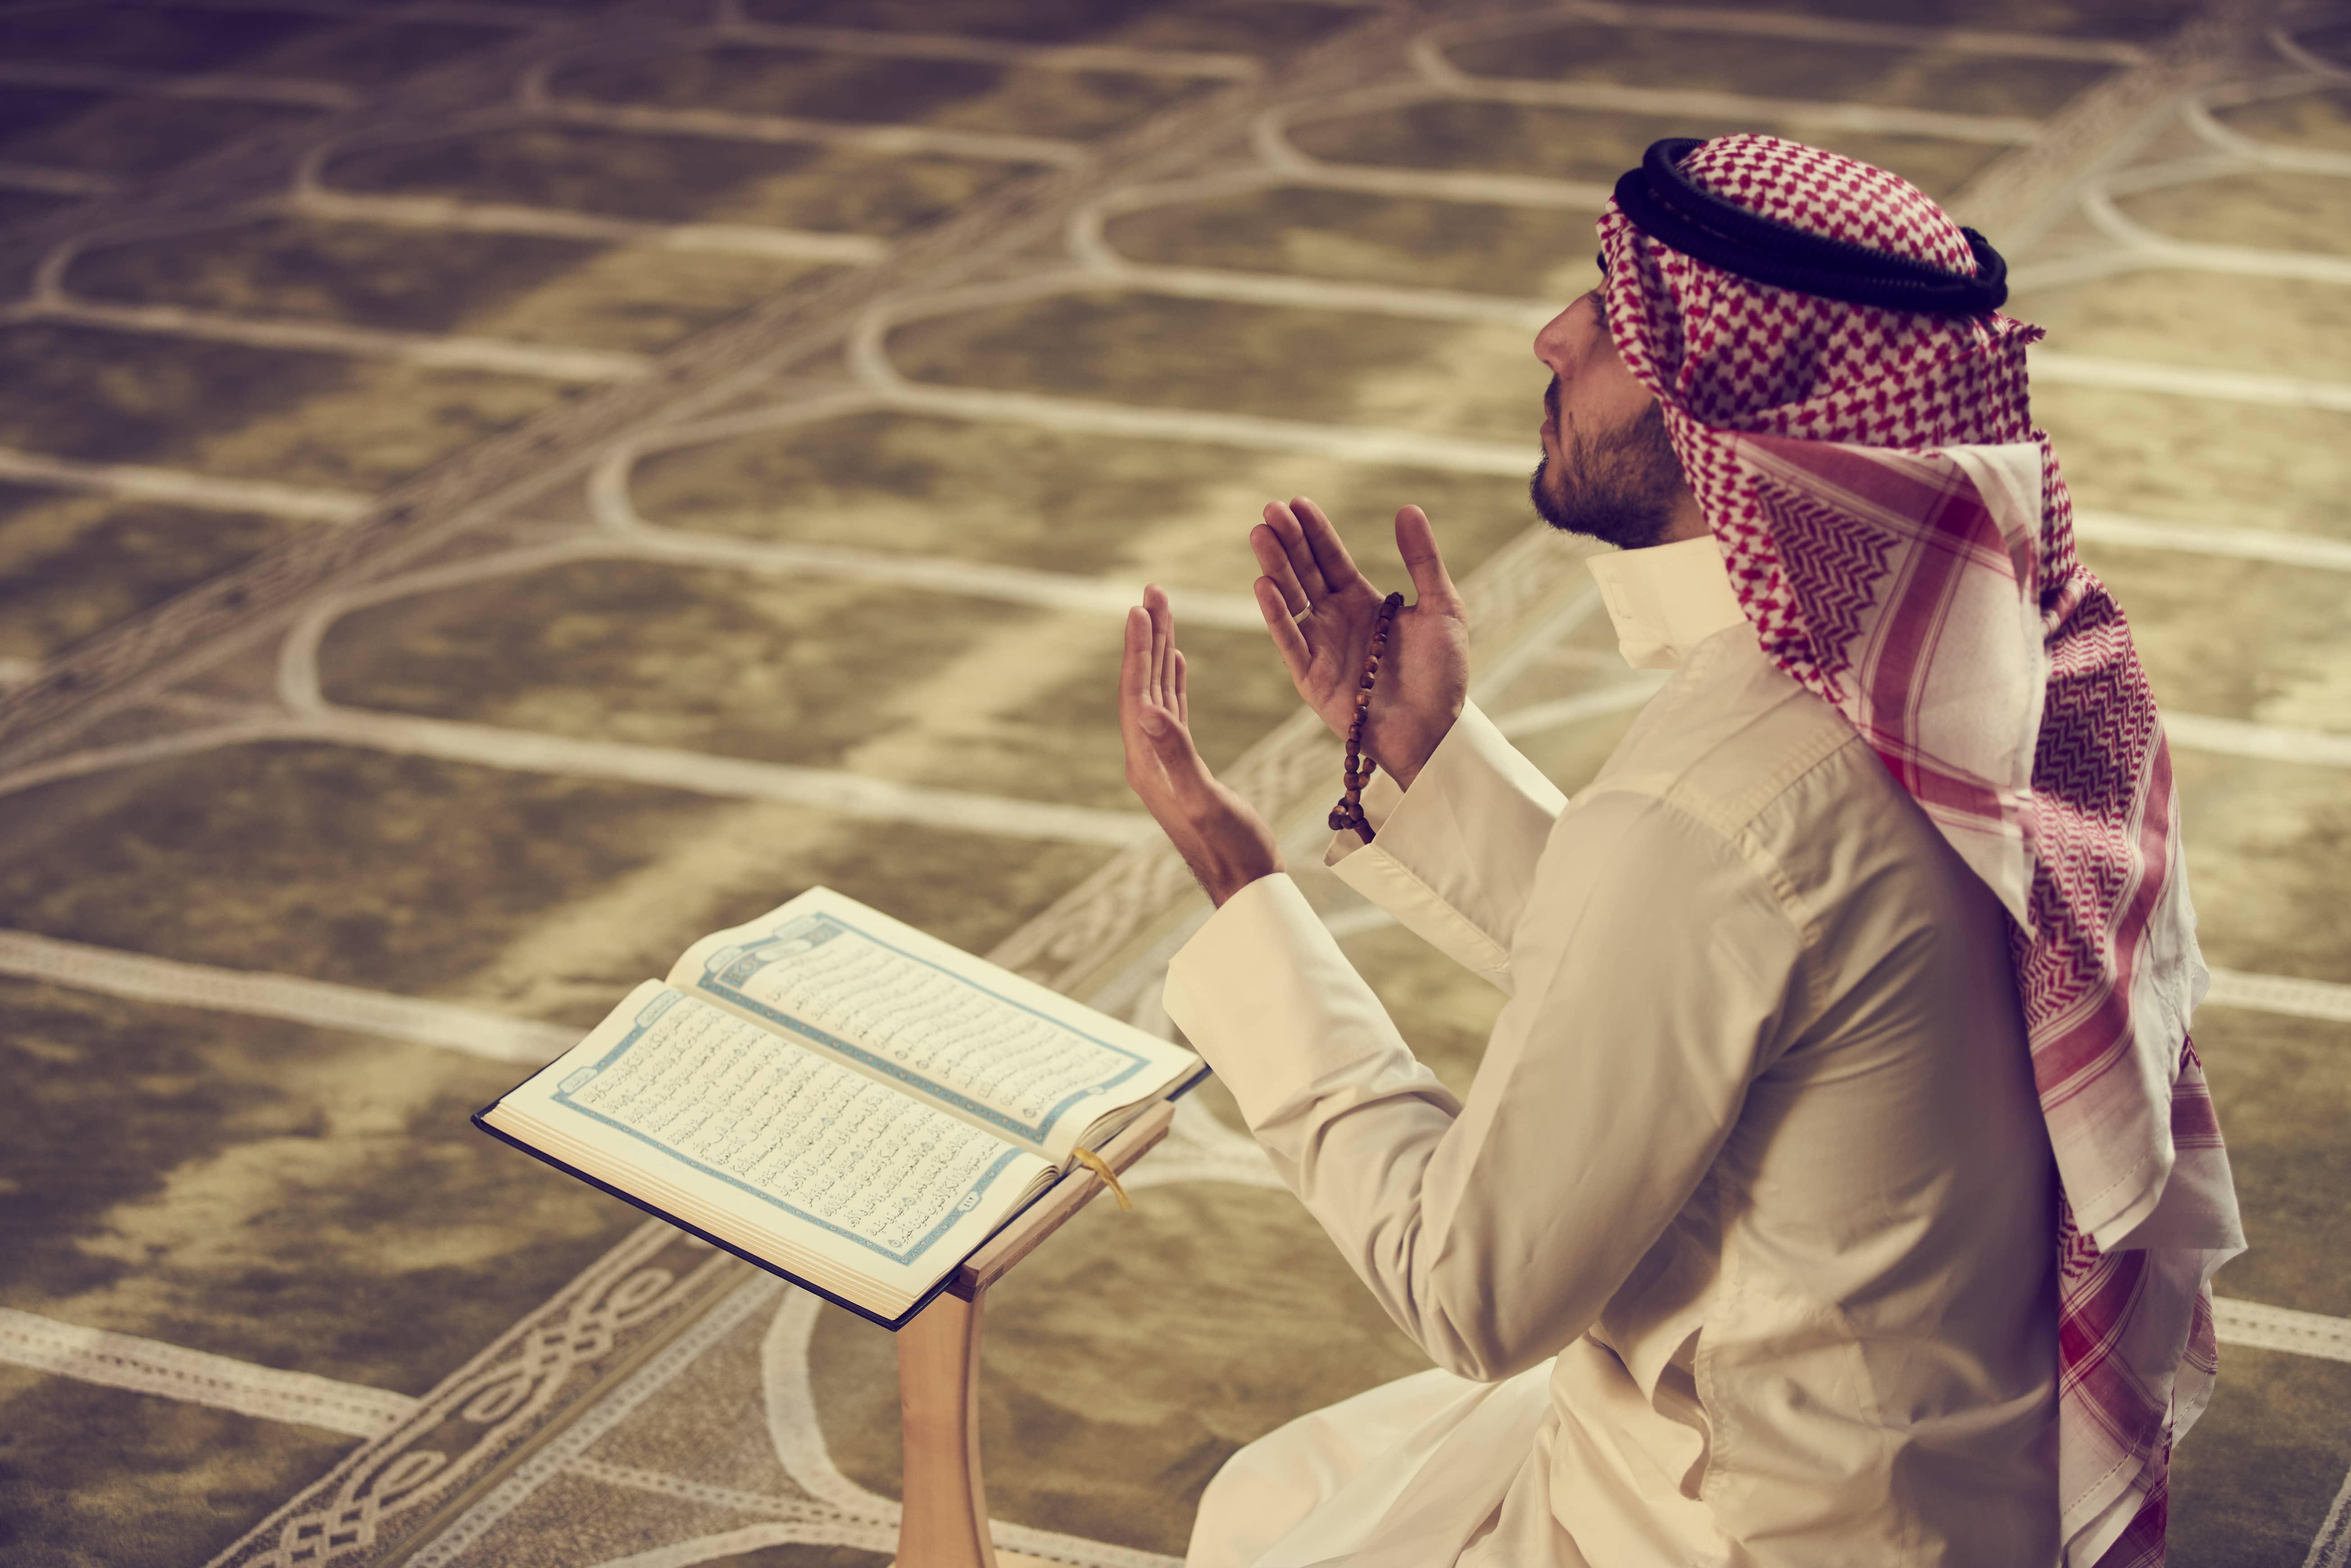 Photo of a muslim man praying